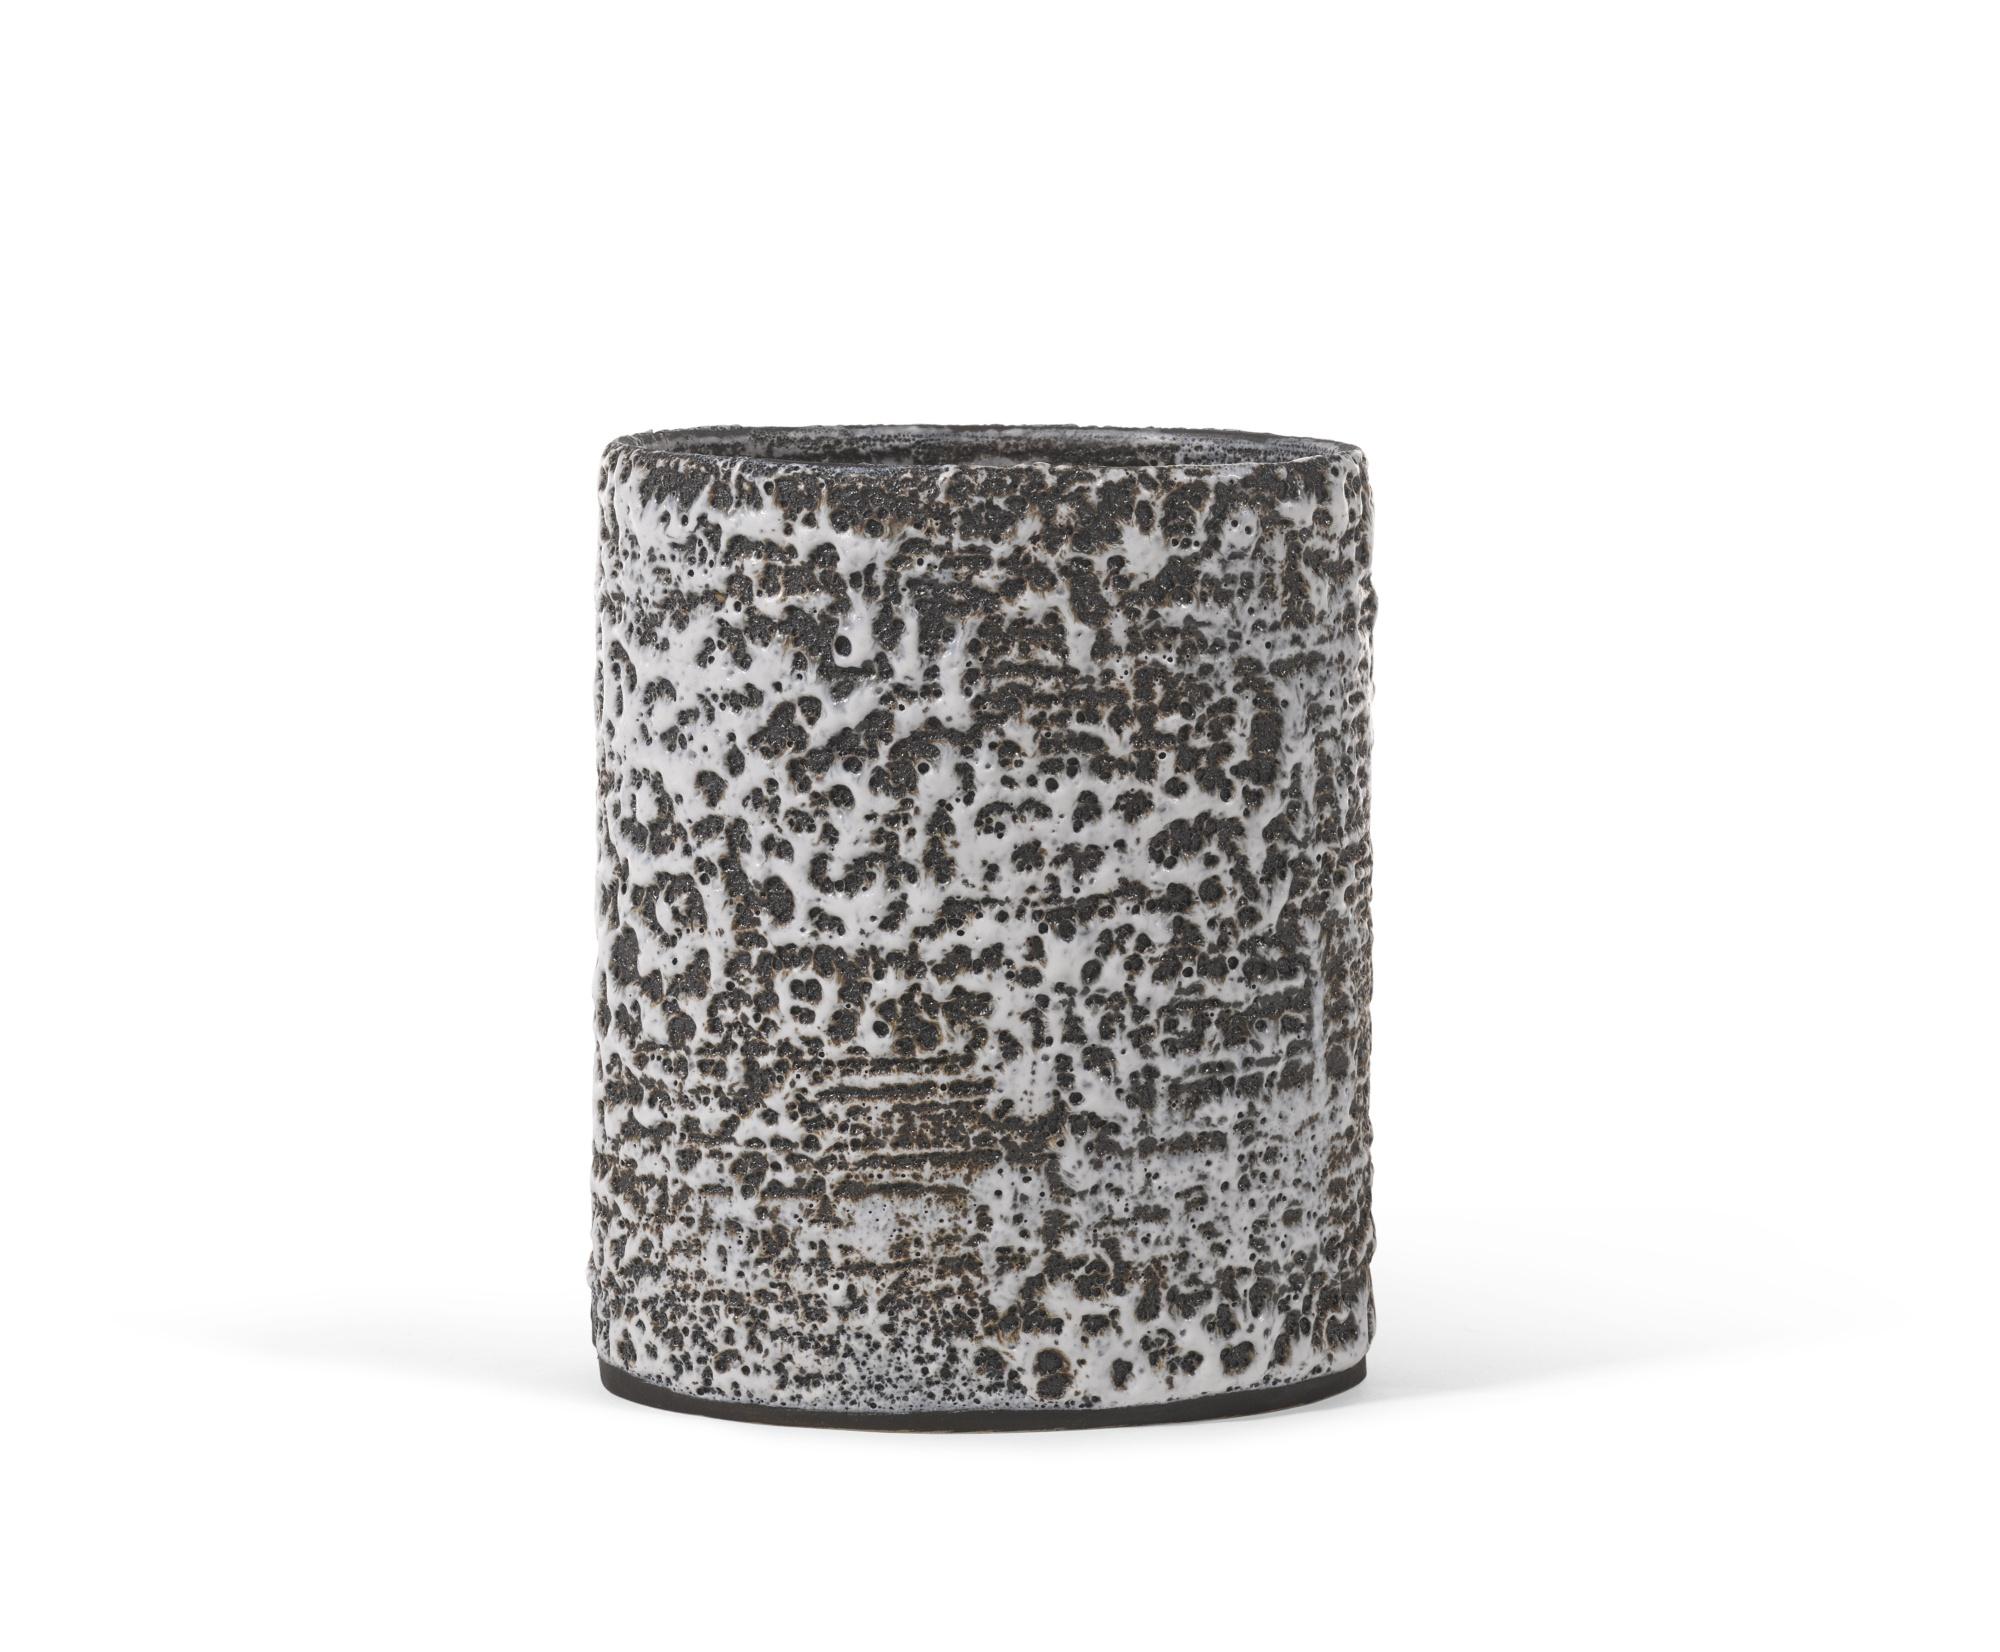 Emmanuel Cooper-Vase-1999